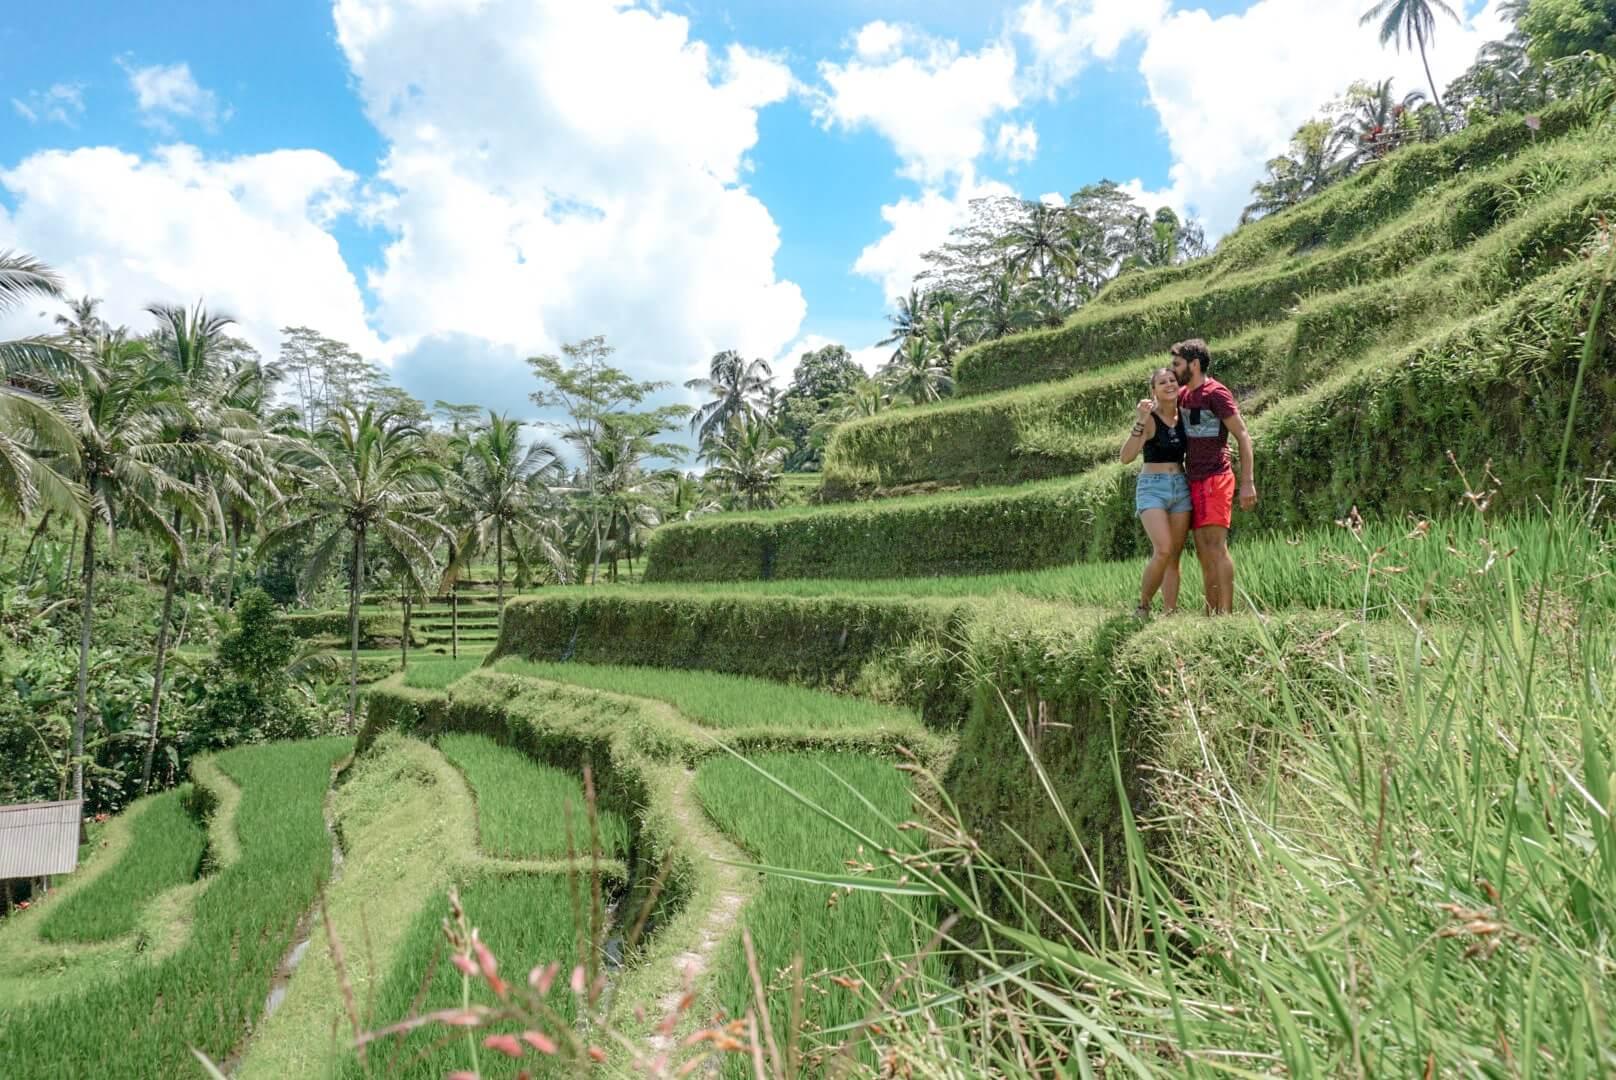 Les rizières de Tegalalang depuis Ubud Bali Indonésie